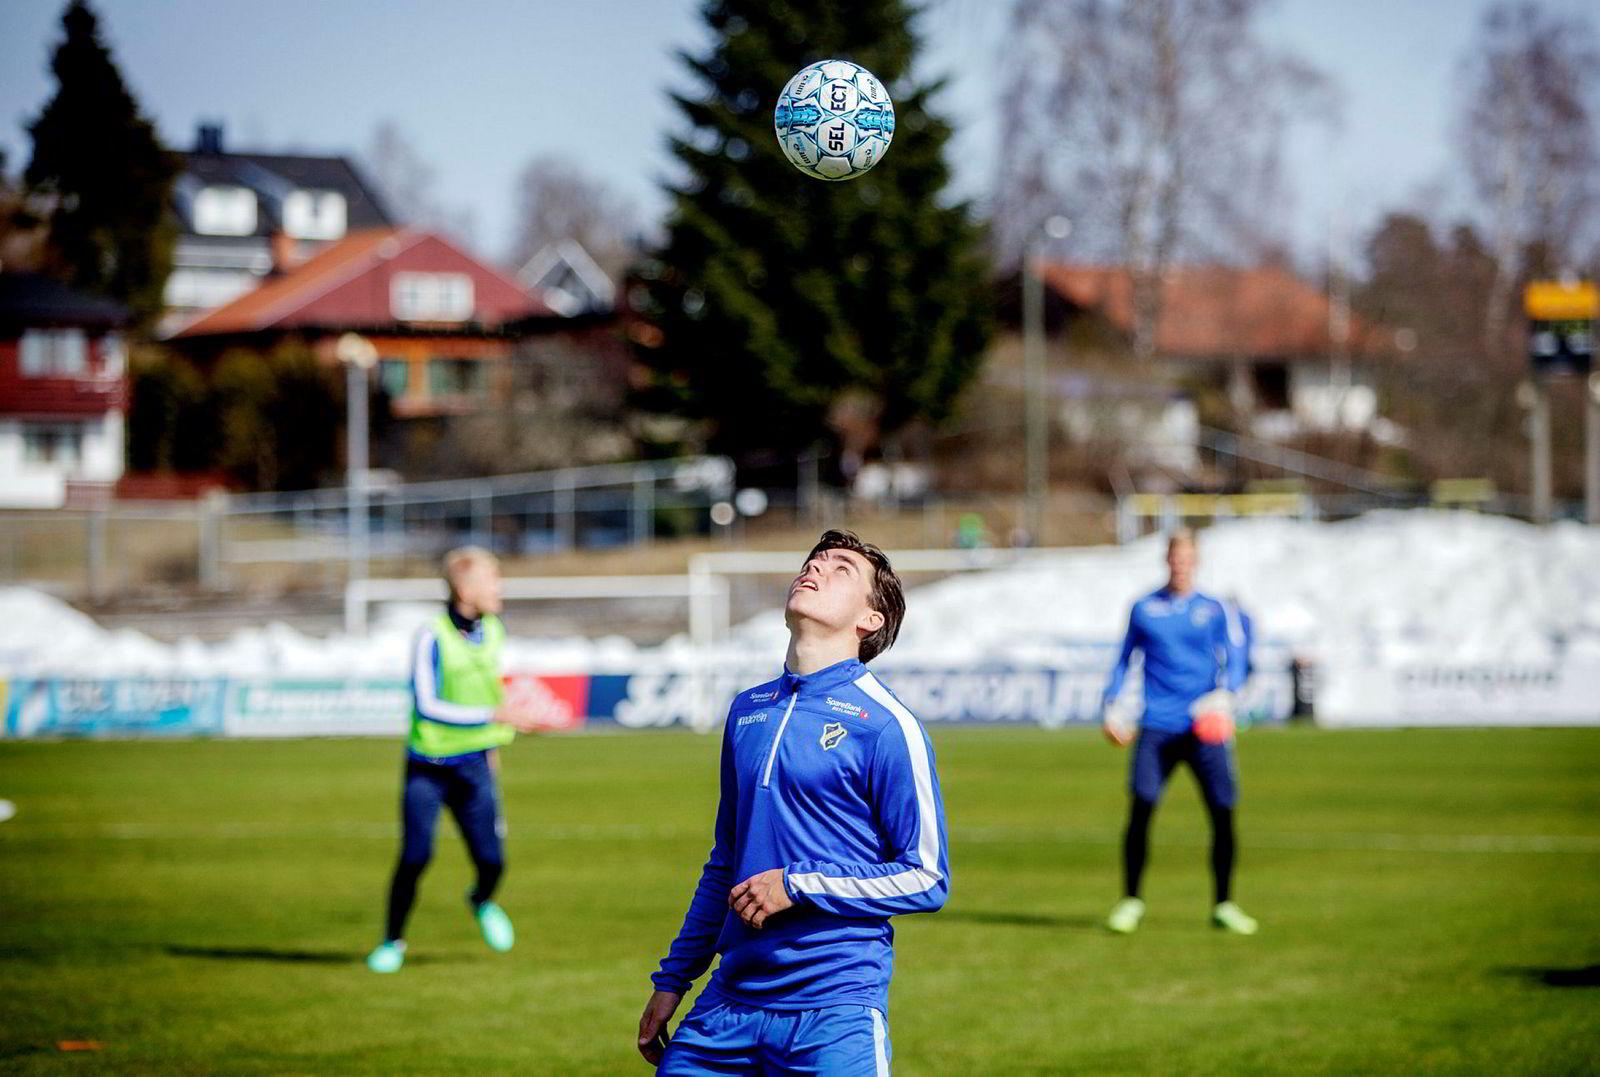 Fotballspiller Hugo Vegard Vetlesen er blant de norske ungdomsspillerne som tok Norge til EM – etter å ha trent i virtuell virkelighet.